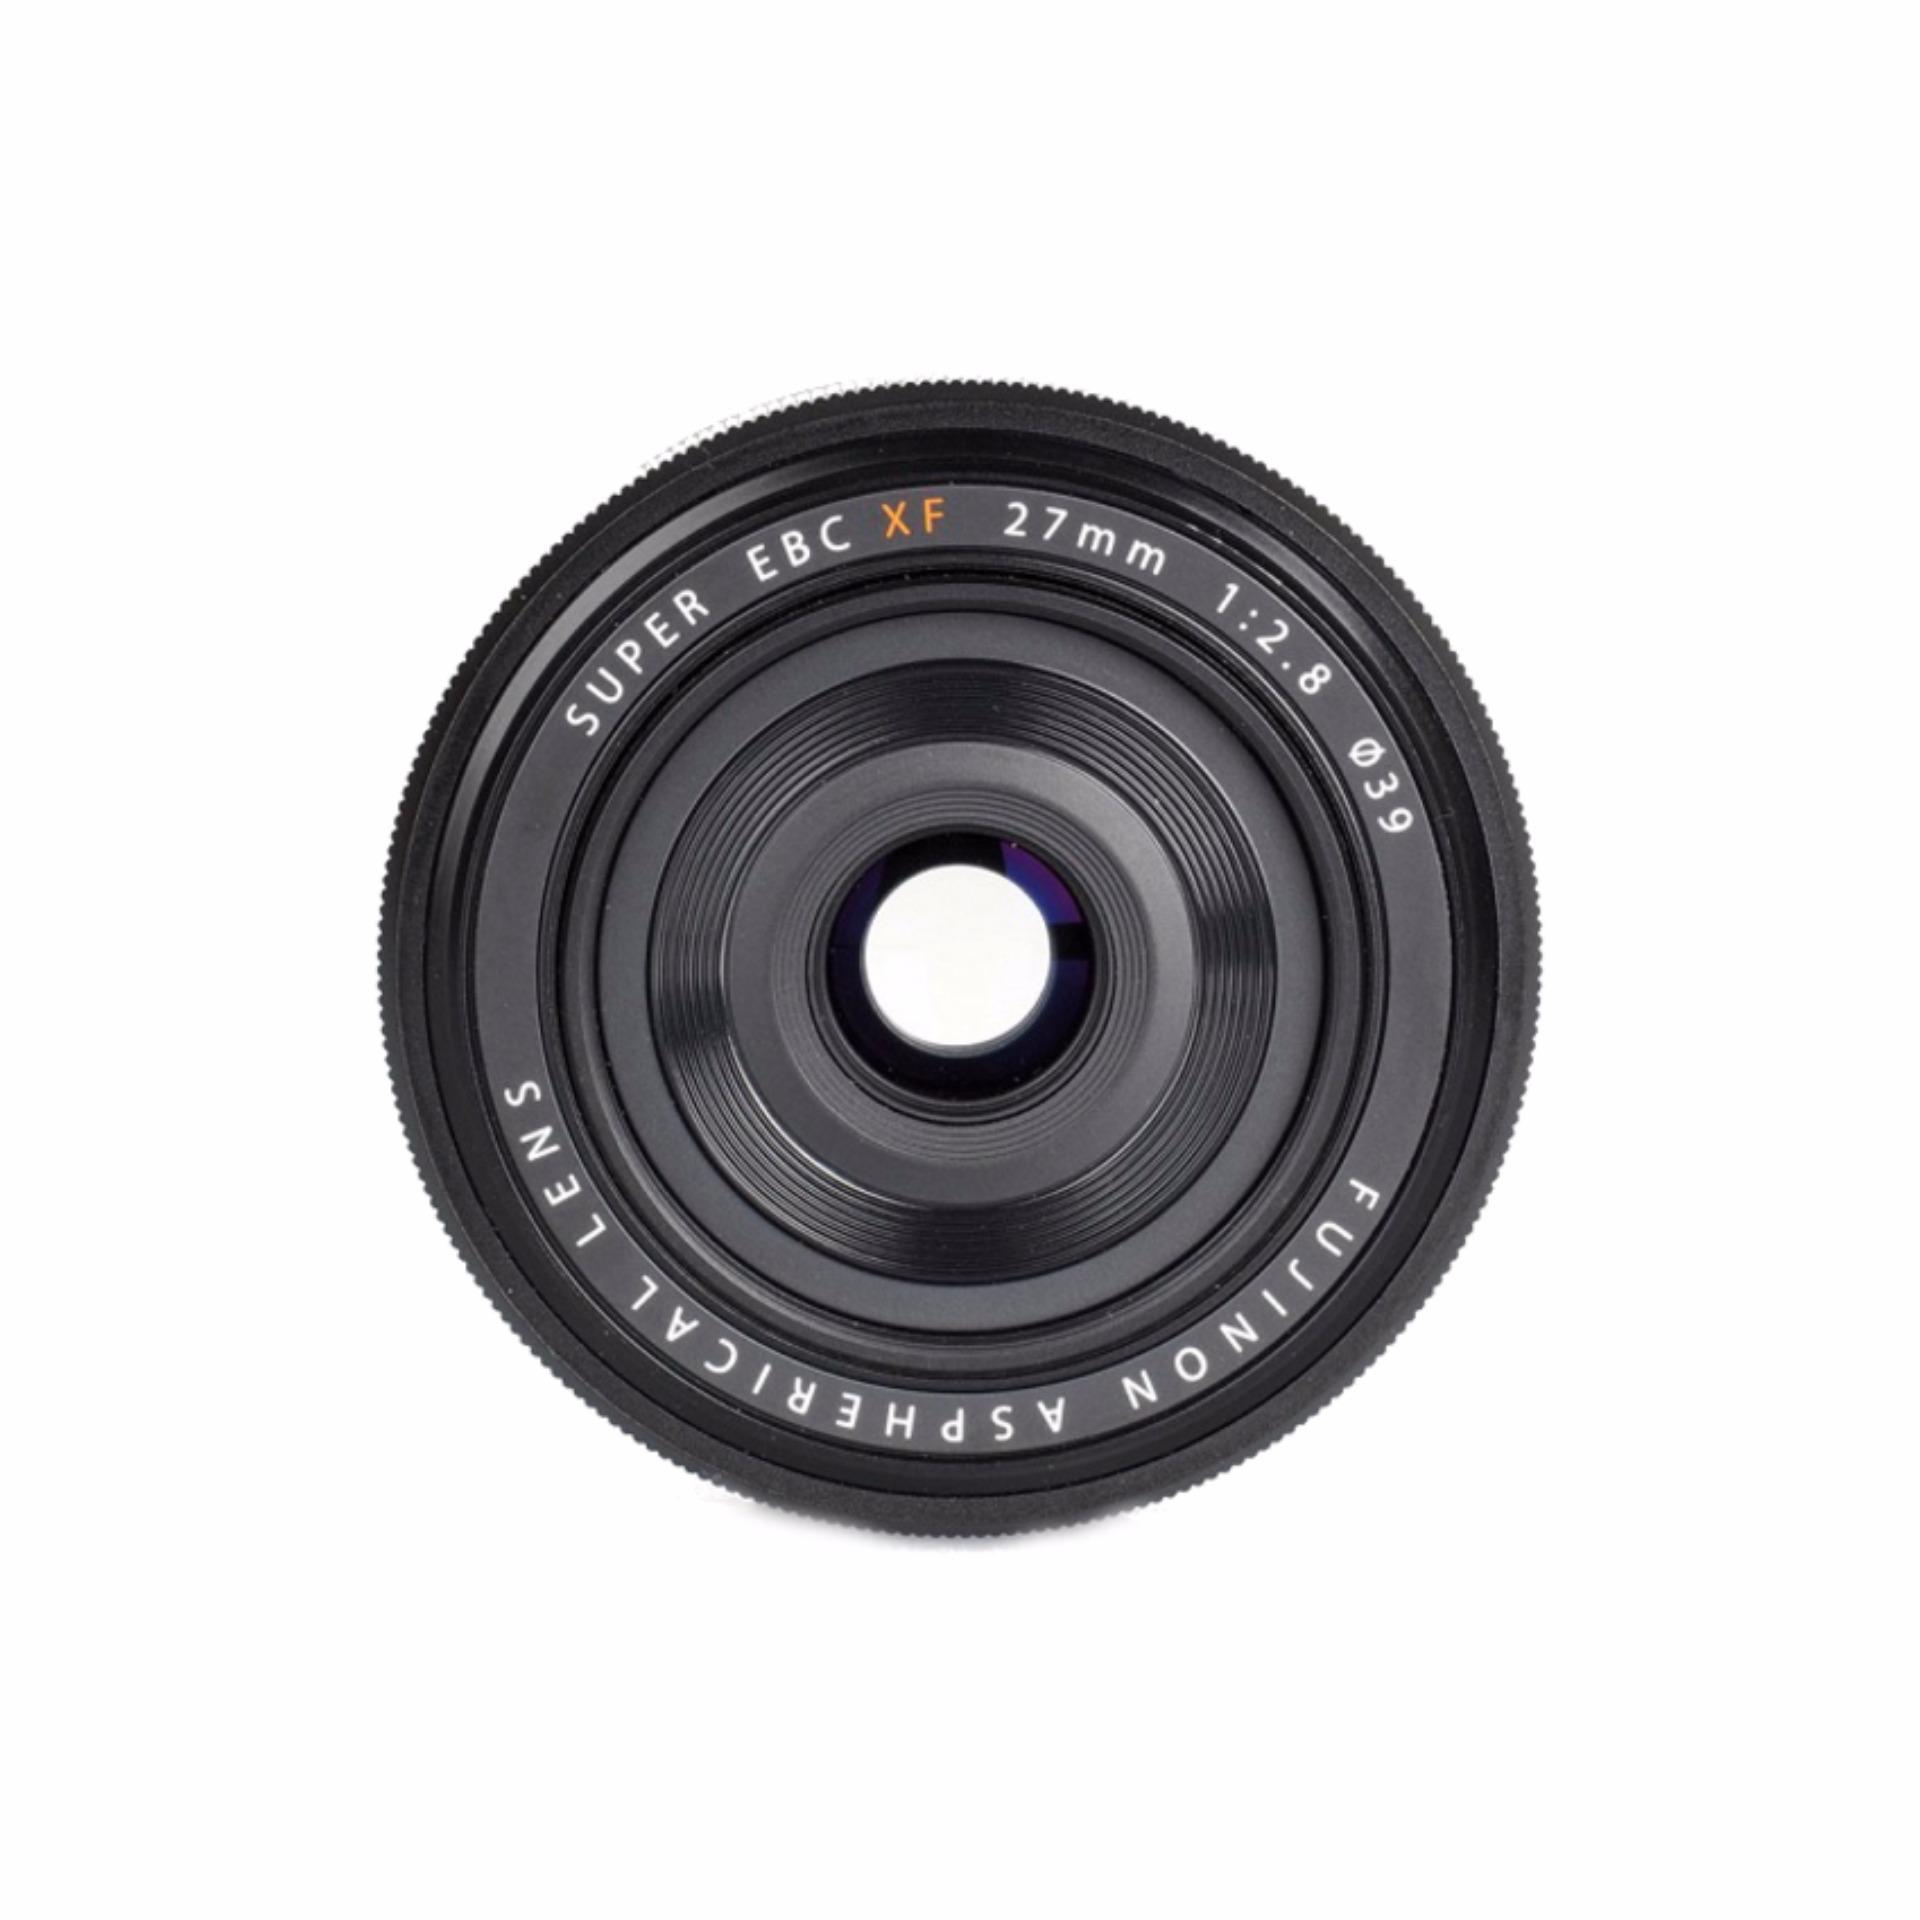 Ống kính Fujifilm Fujinon XF 27mm f2.8 (Đen)